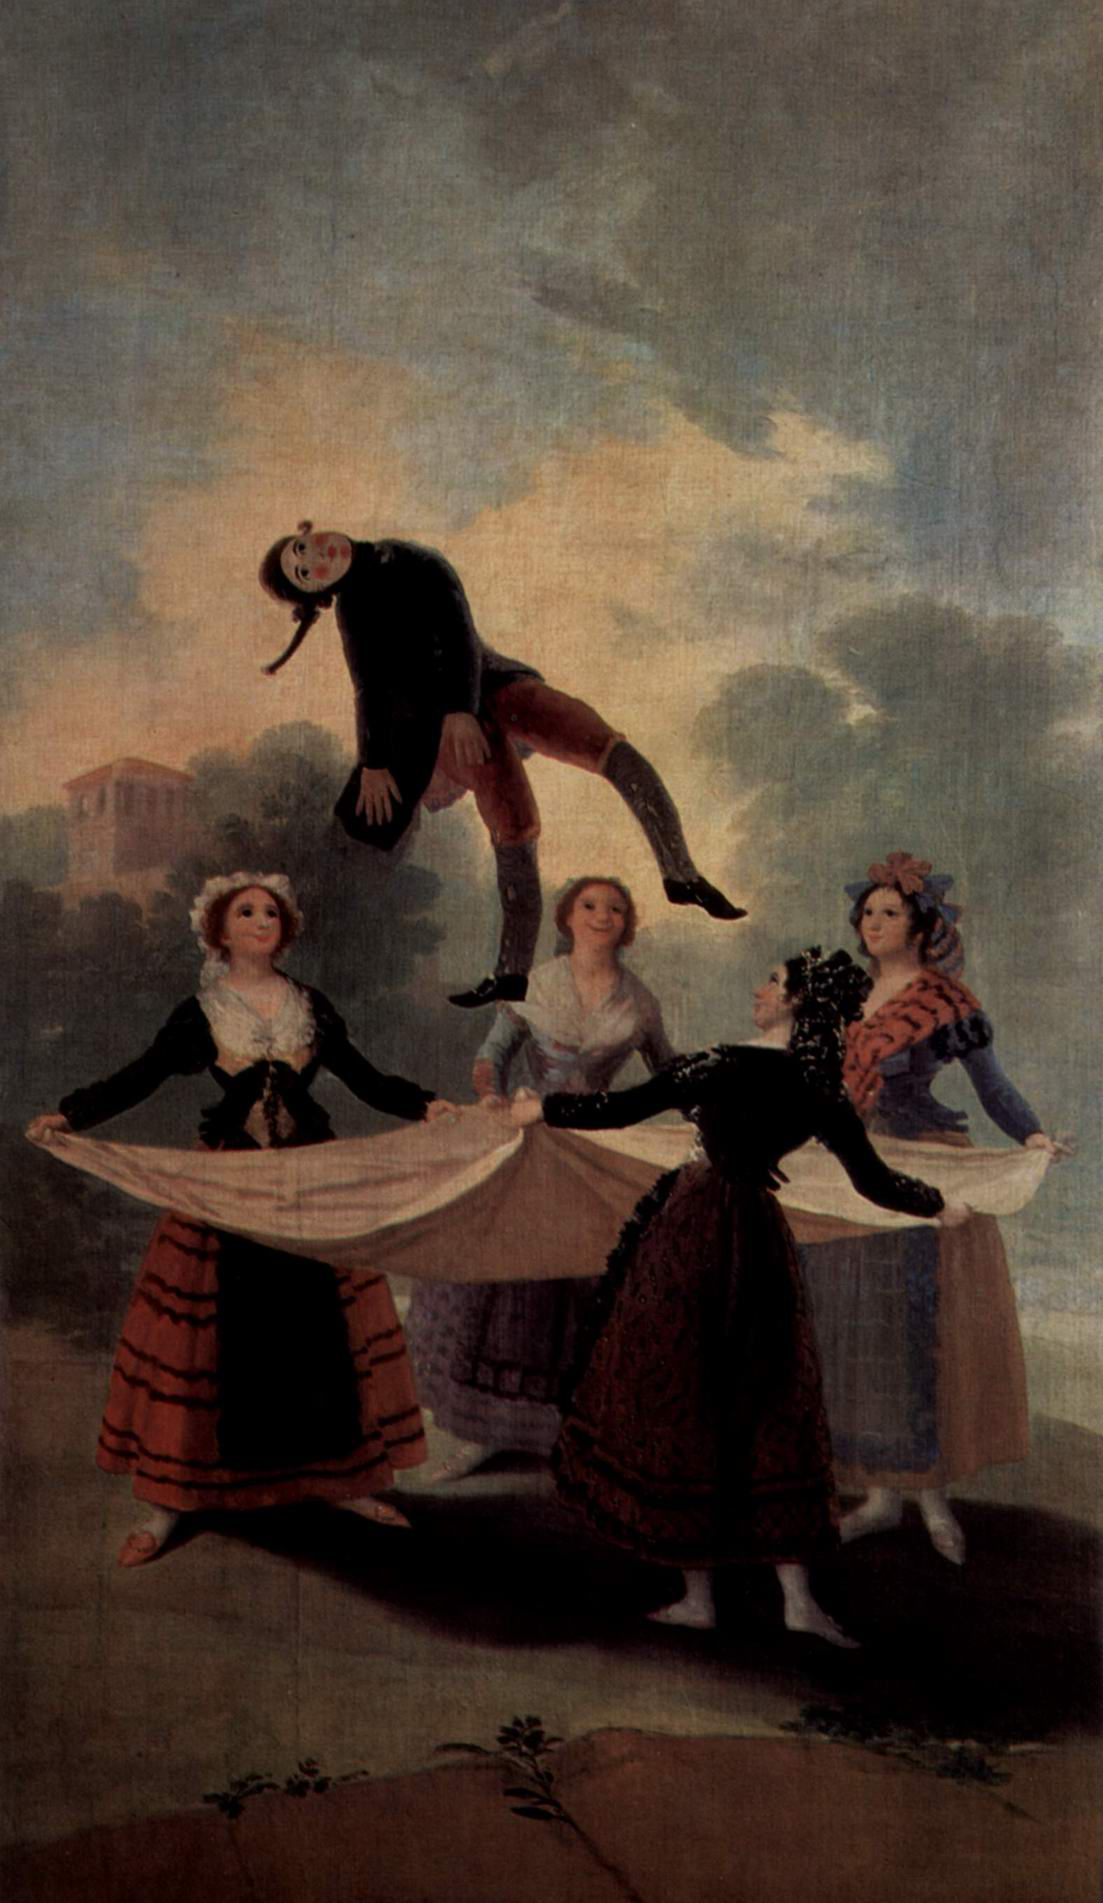 Эскизы гобеленов для королевских дворцов Прадо и Эскориал. Марионетка, Франсиско де Гойя-и-Лусьентес